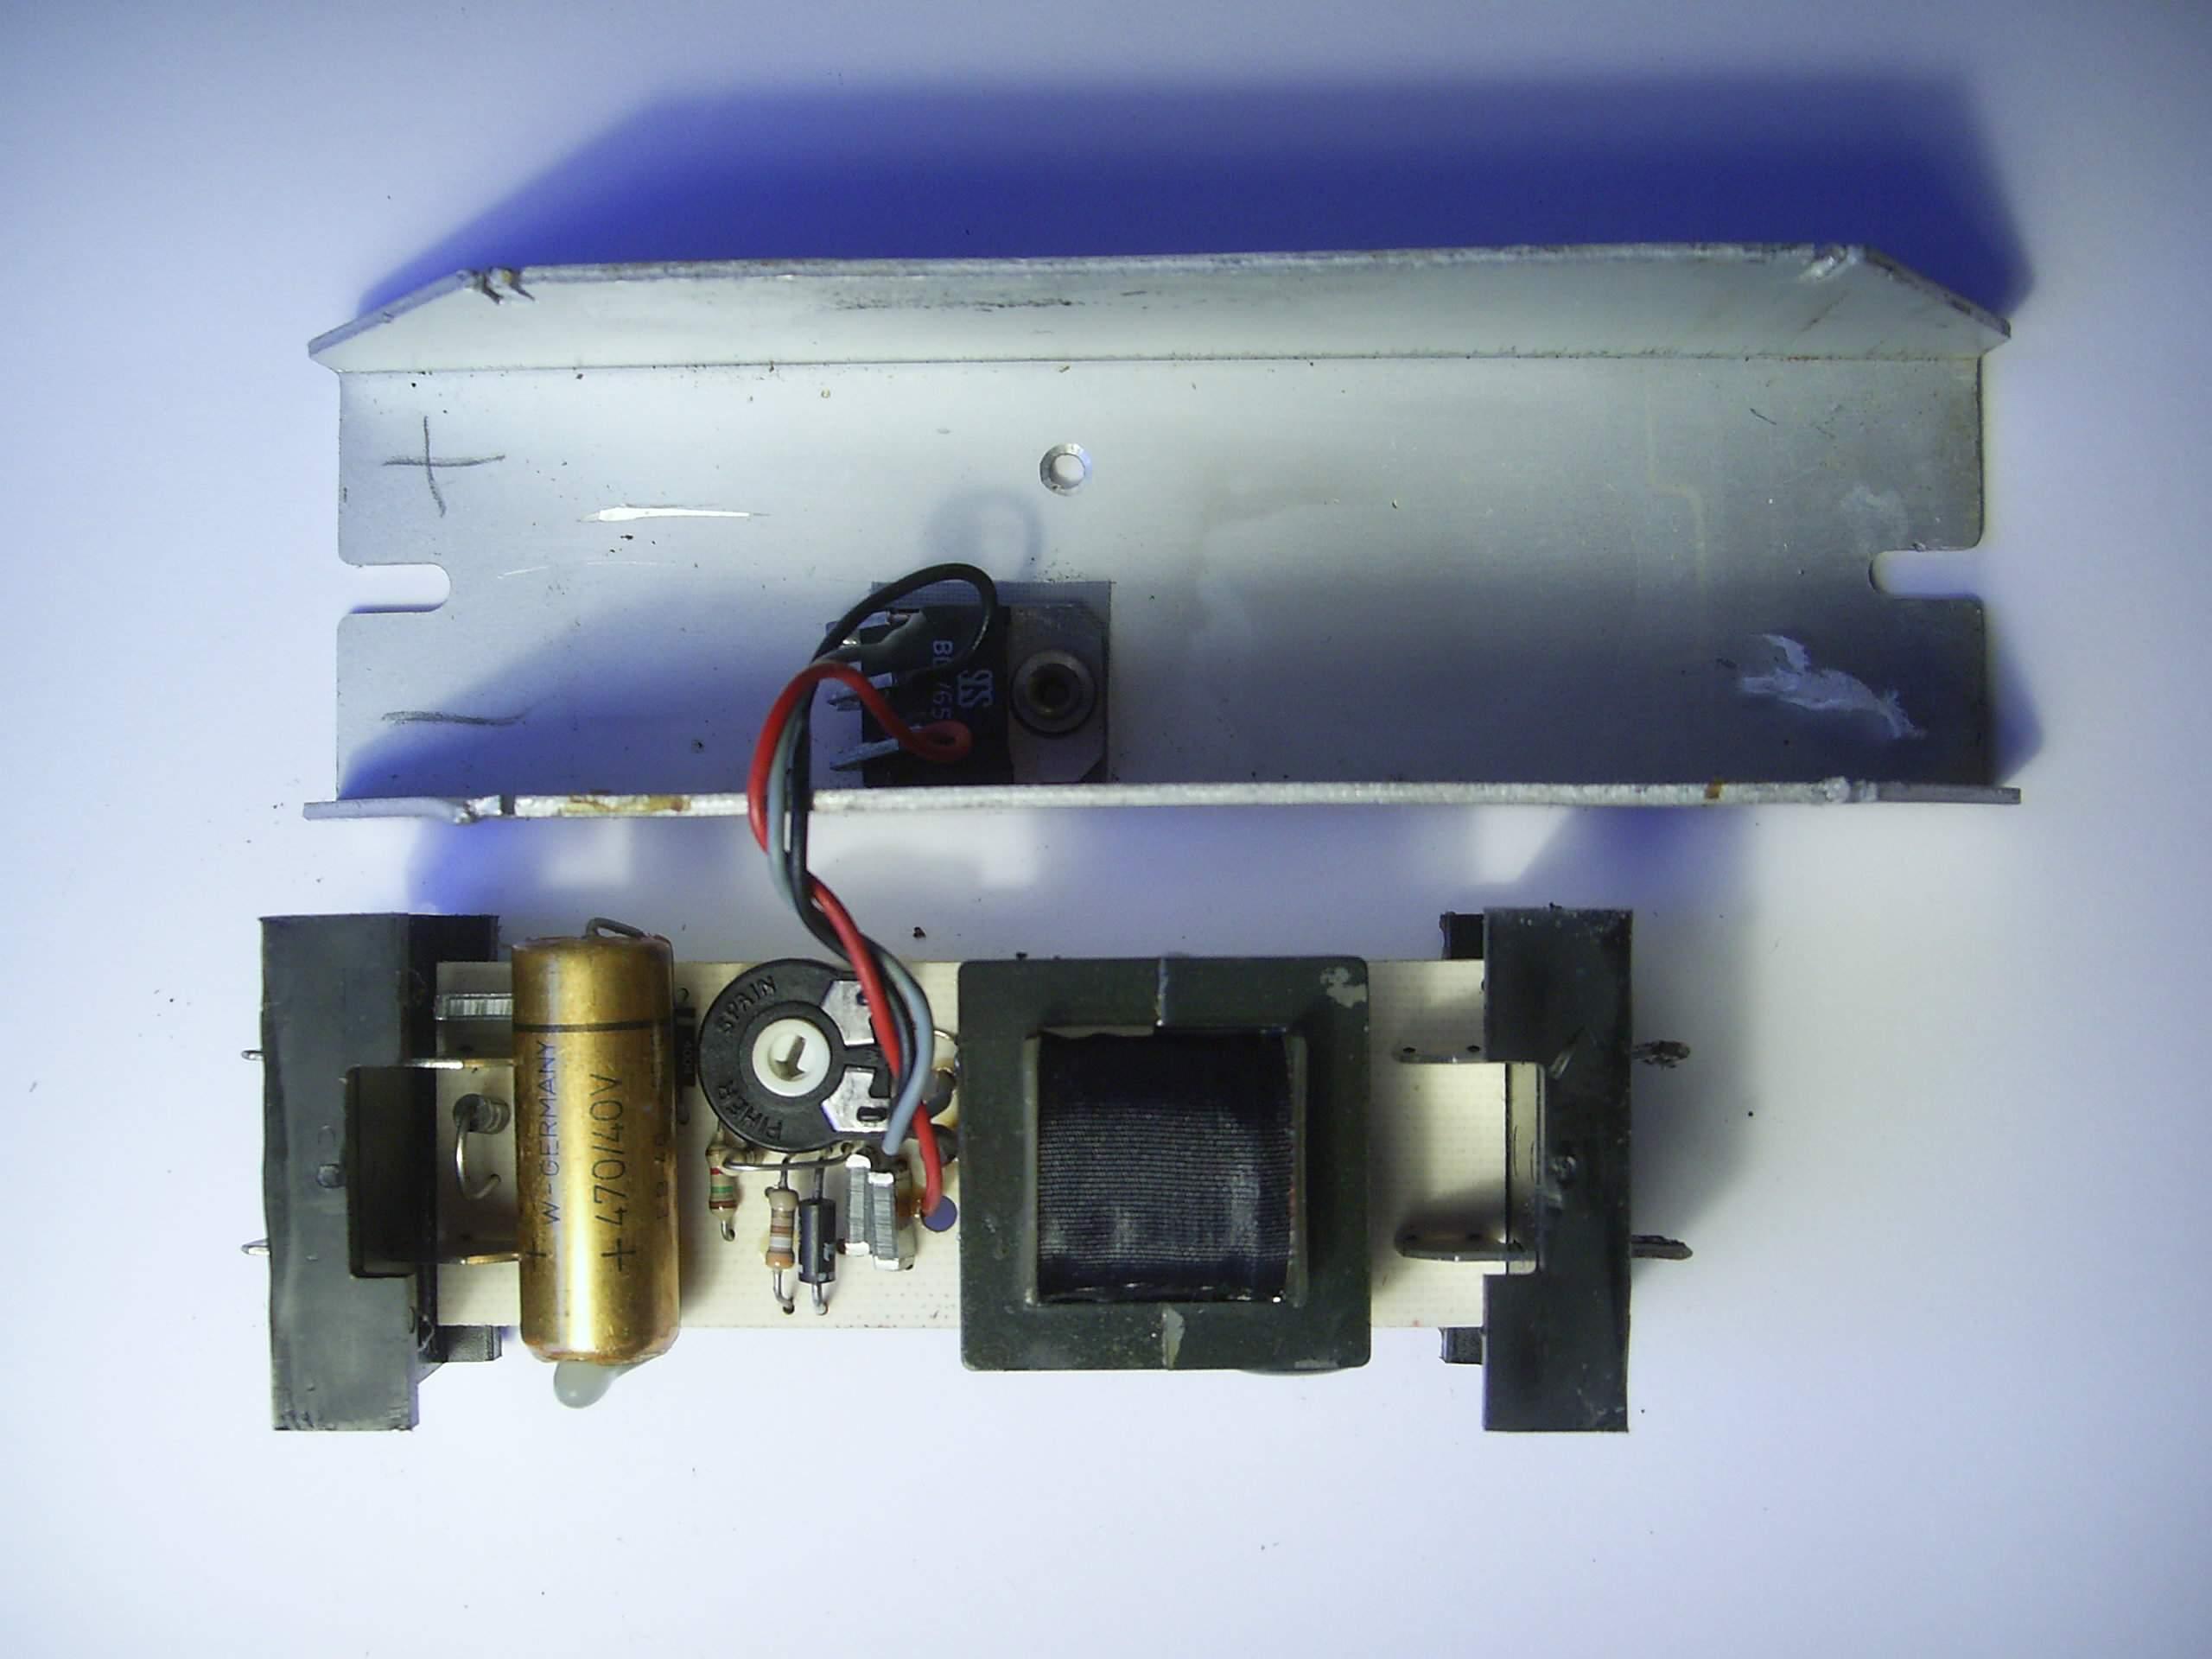 PIC_0041 Spannende Elektronisches Vorschaltgerät Leuchtstofflampe Schaltplan Dekorationen